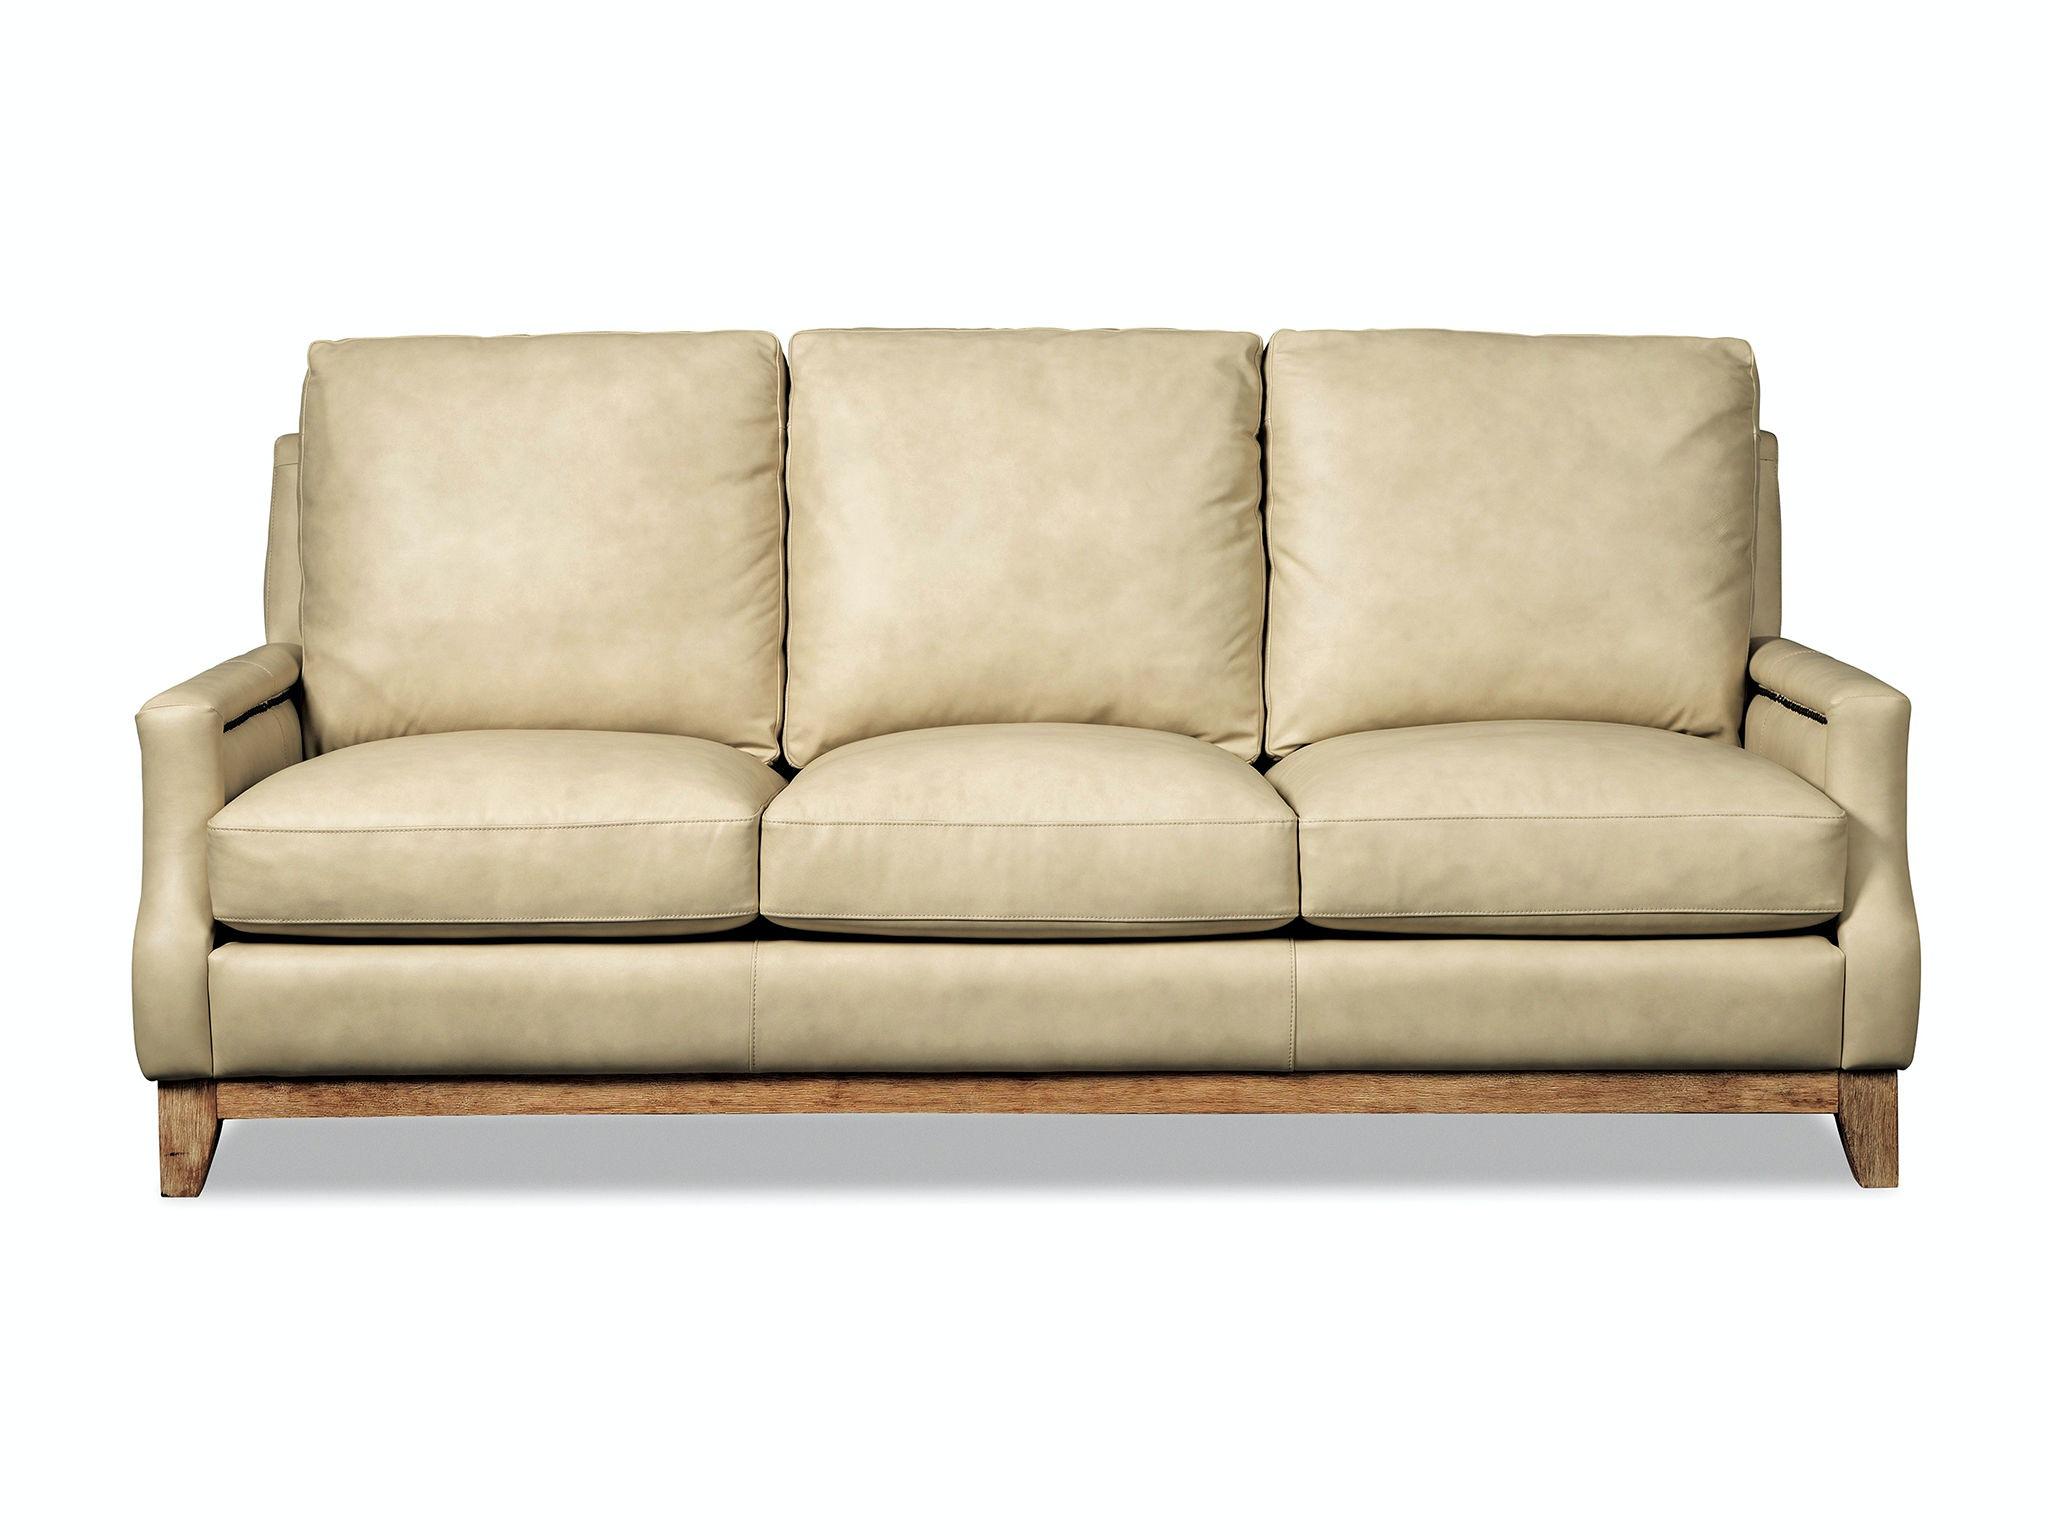 Hickorycraft Living Room Sofa L172550